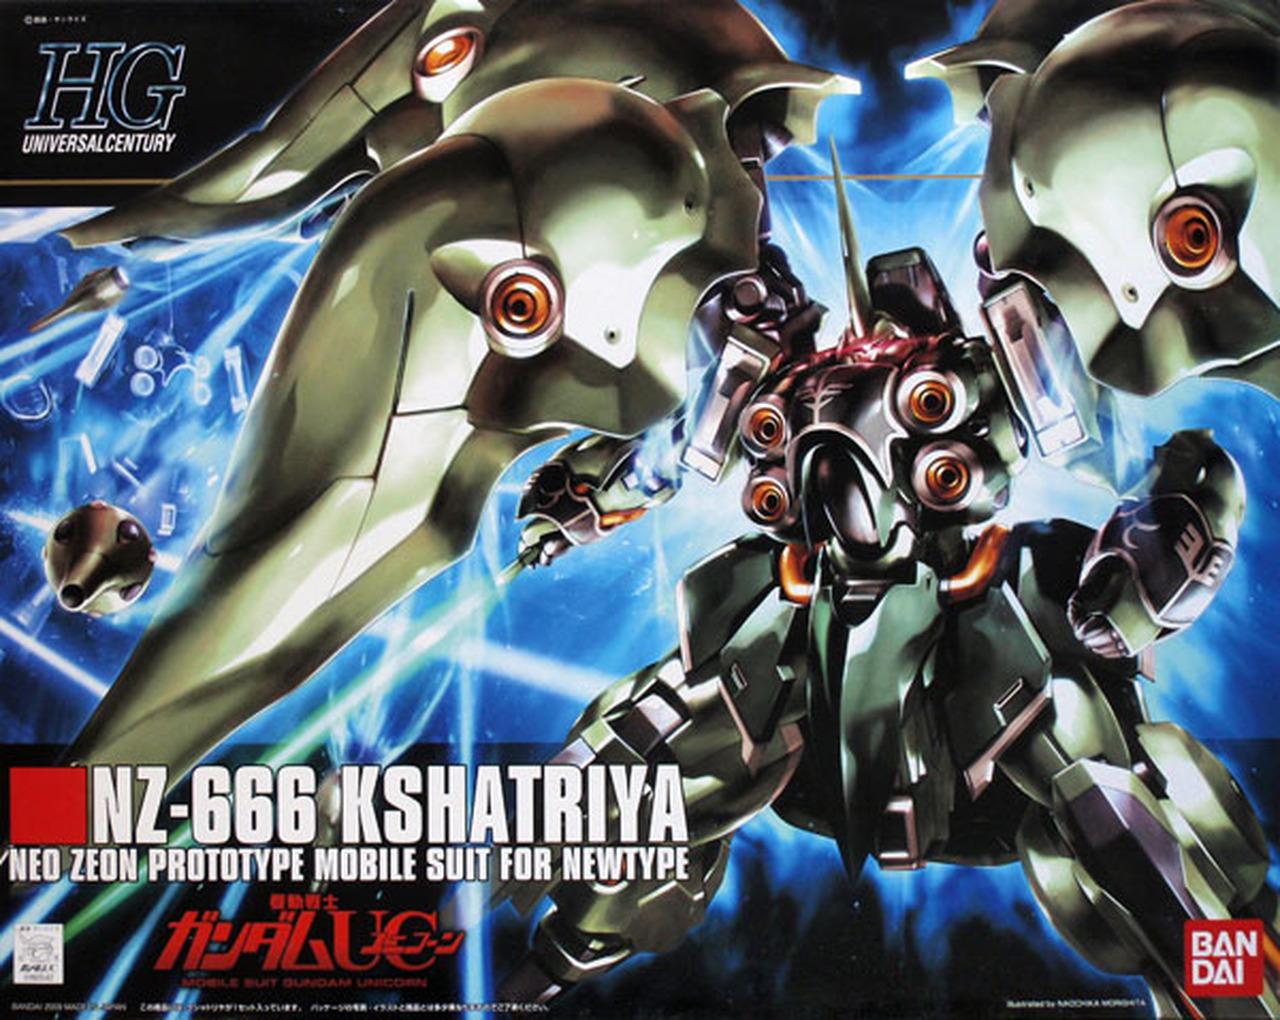 Bandai HGUC #99 1/144 NZ-666 Kshatriya